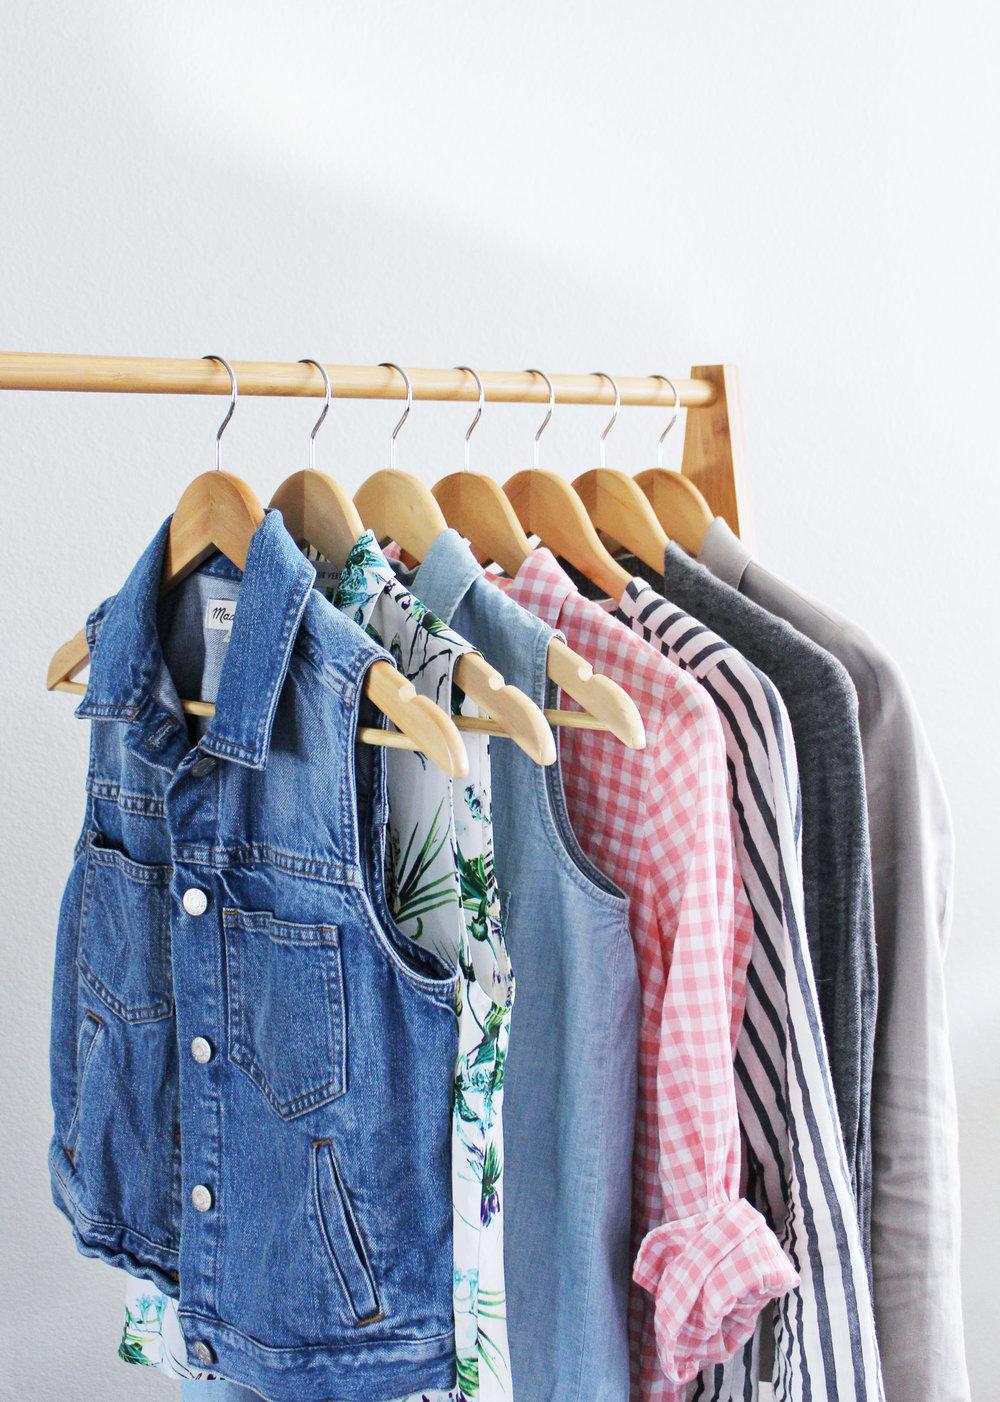 Summer 10x10 minimalist wardrobe challenge — Cotton Cashmere Cat Hair